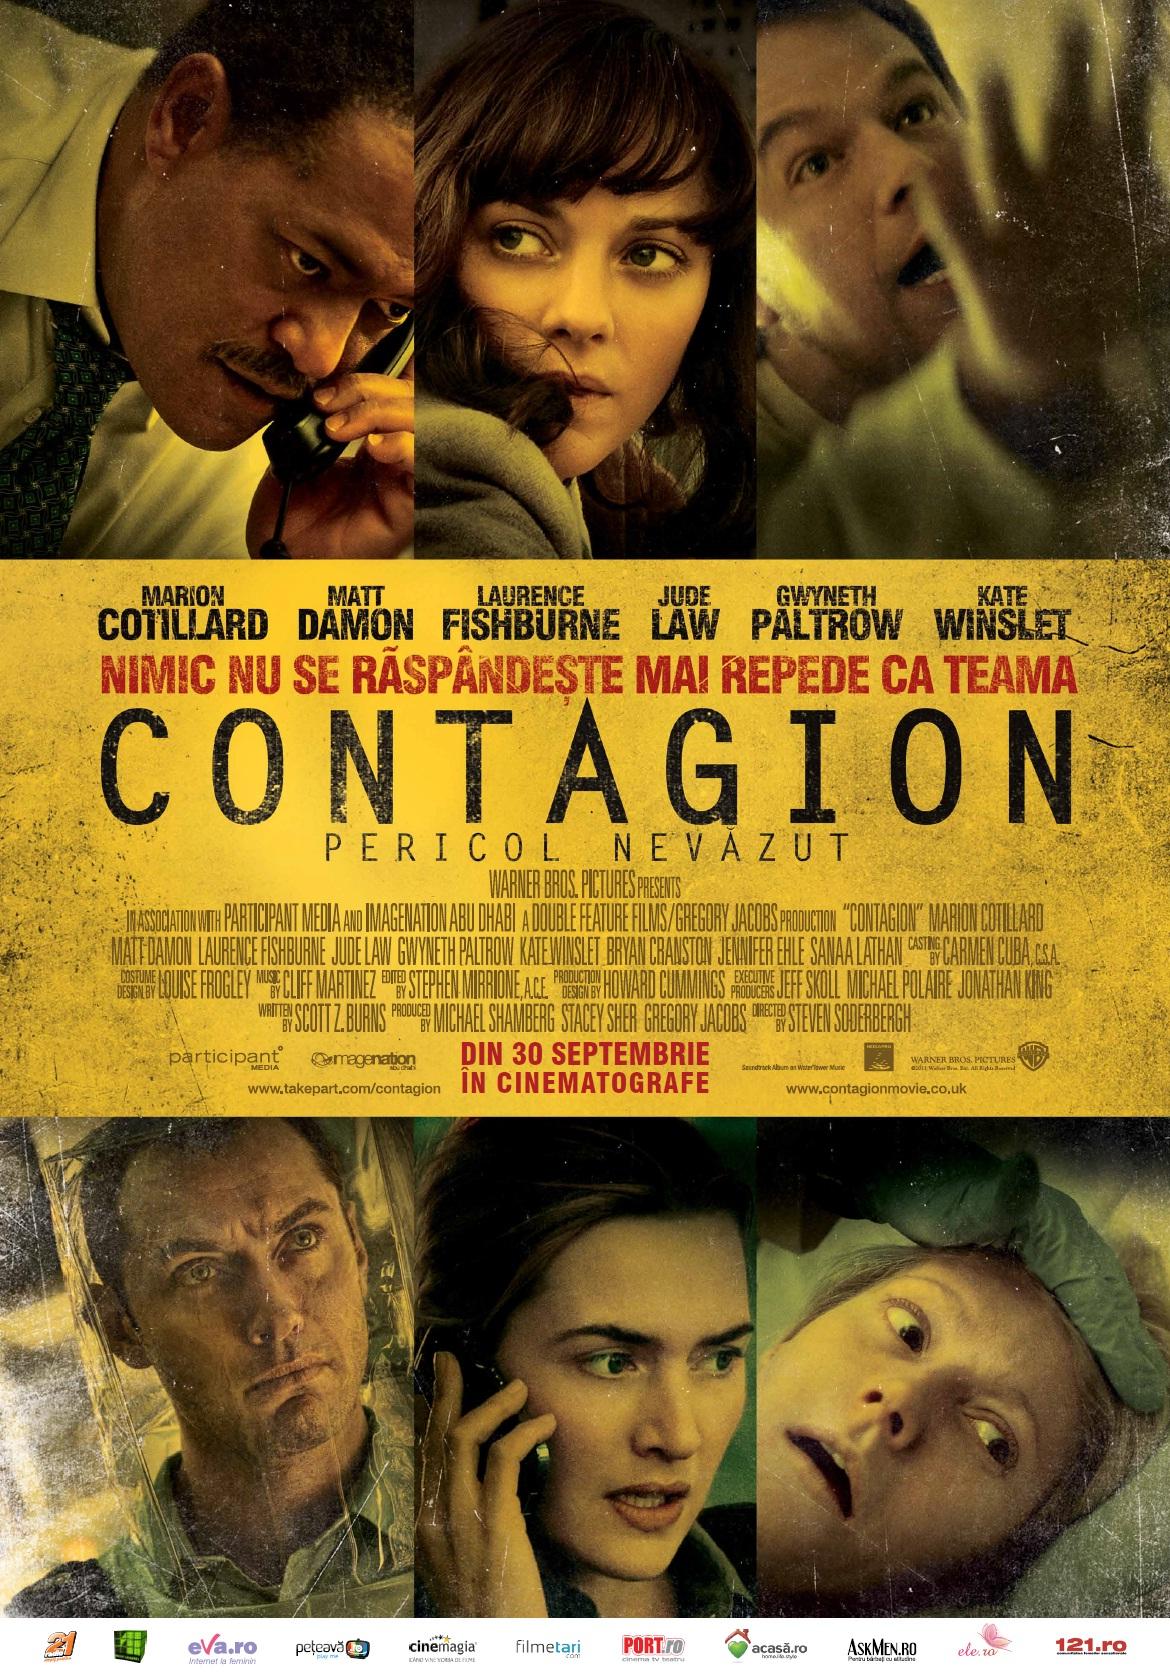 Contagion: Pericol nevăzut (2011) Contagion-222258l